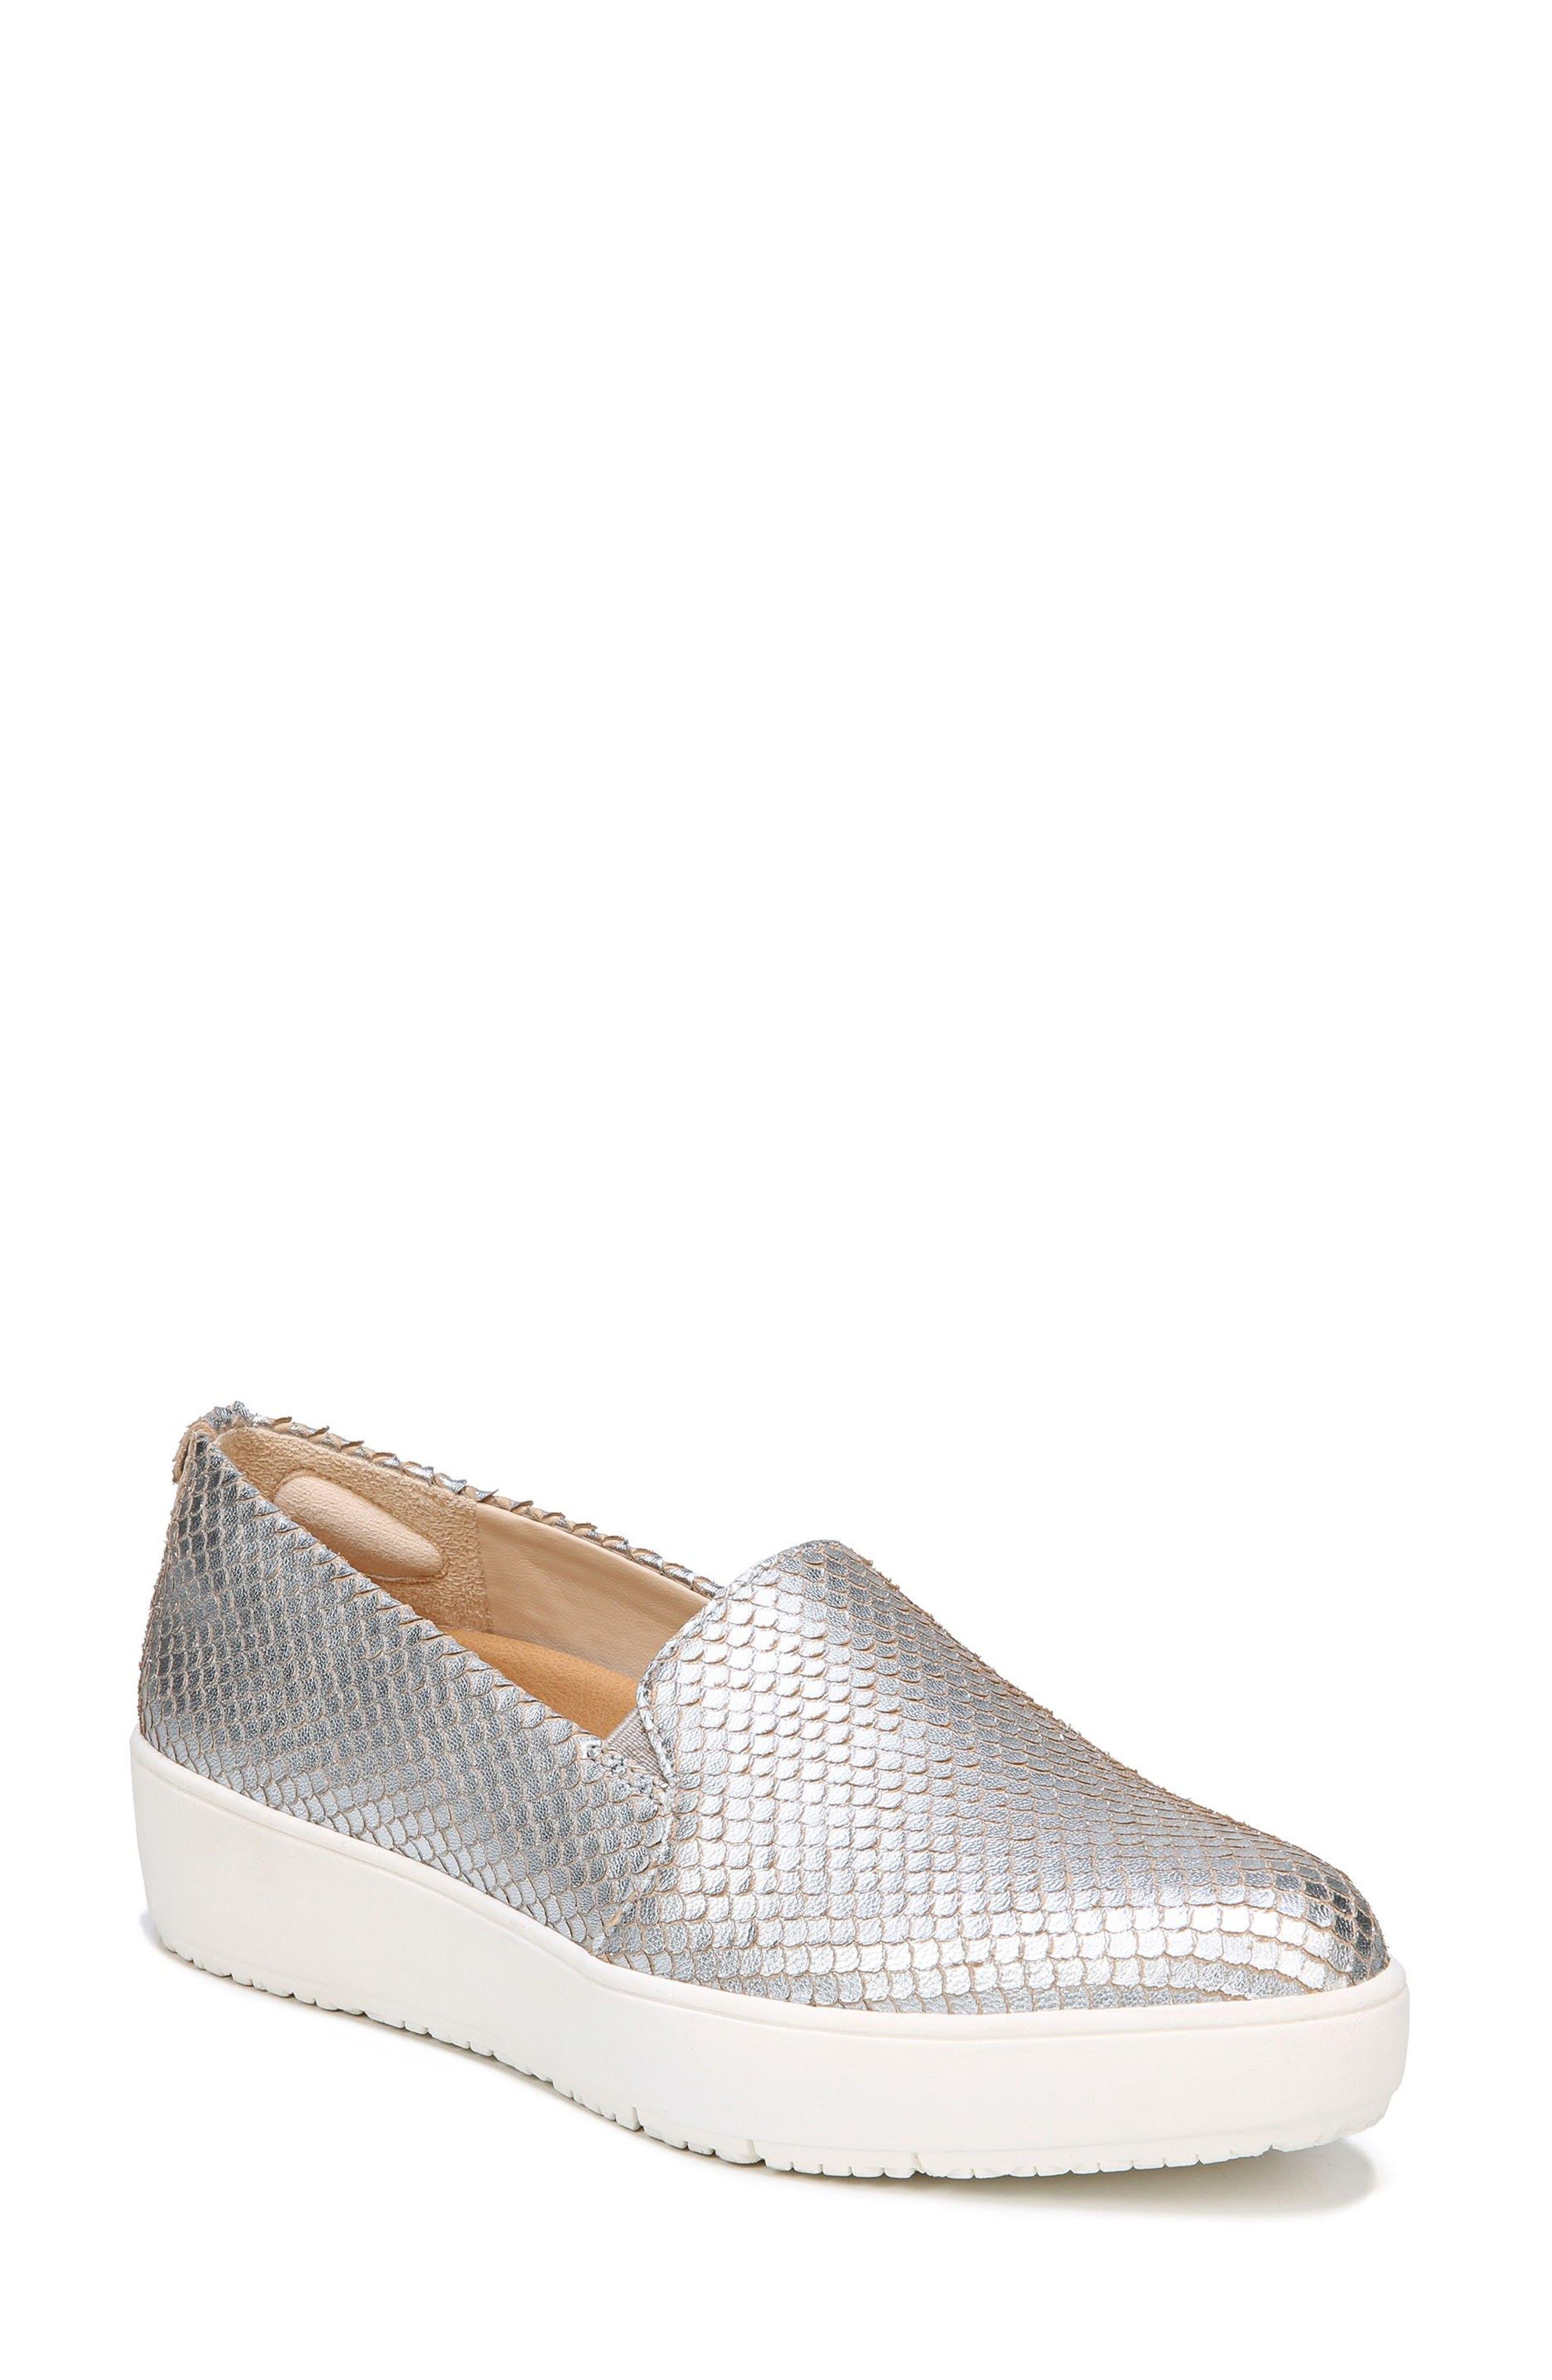 Bradyn Slip-On Sneaker,                         Main,                         color, Silver Leather